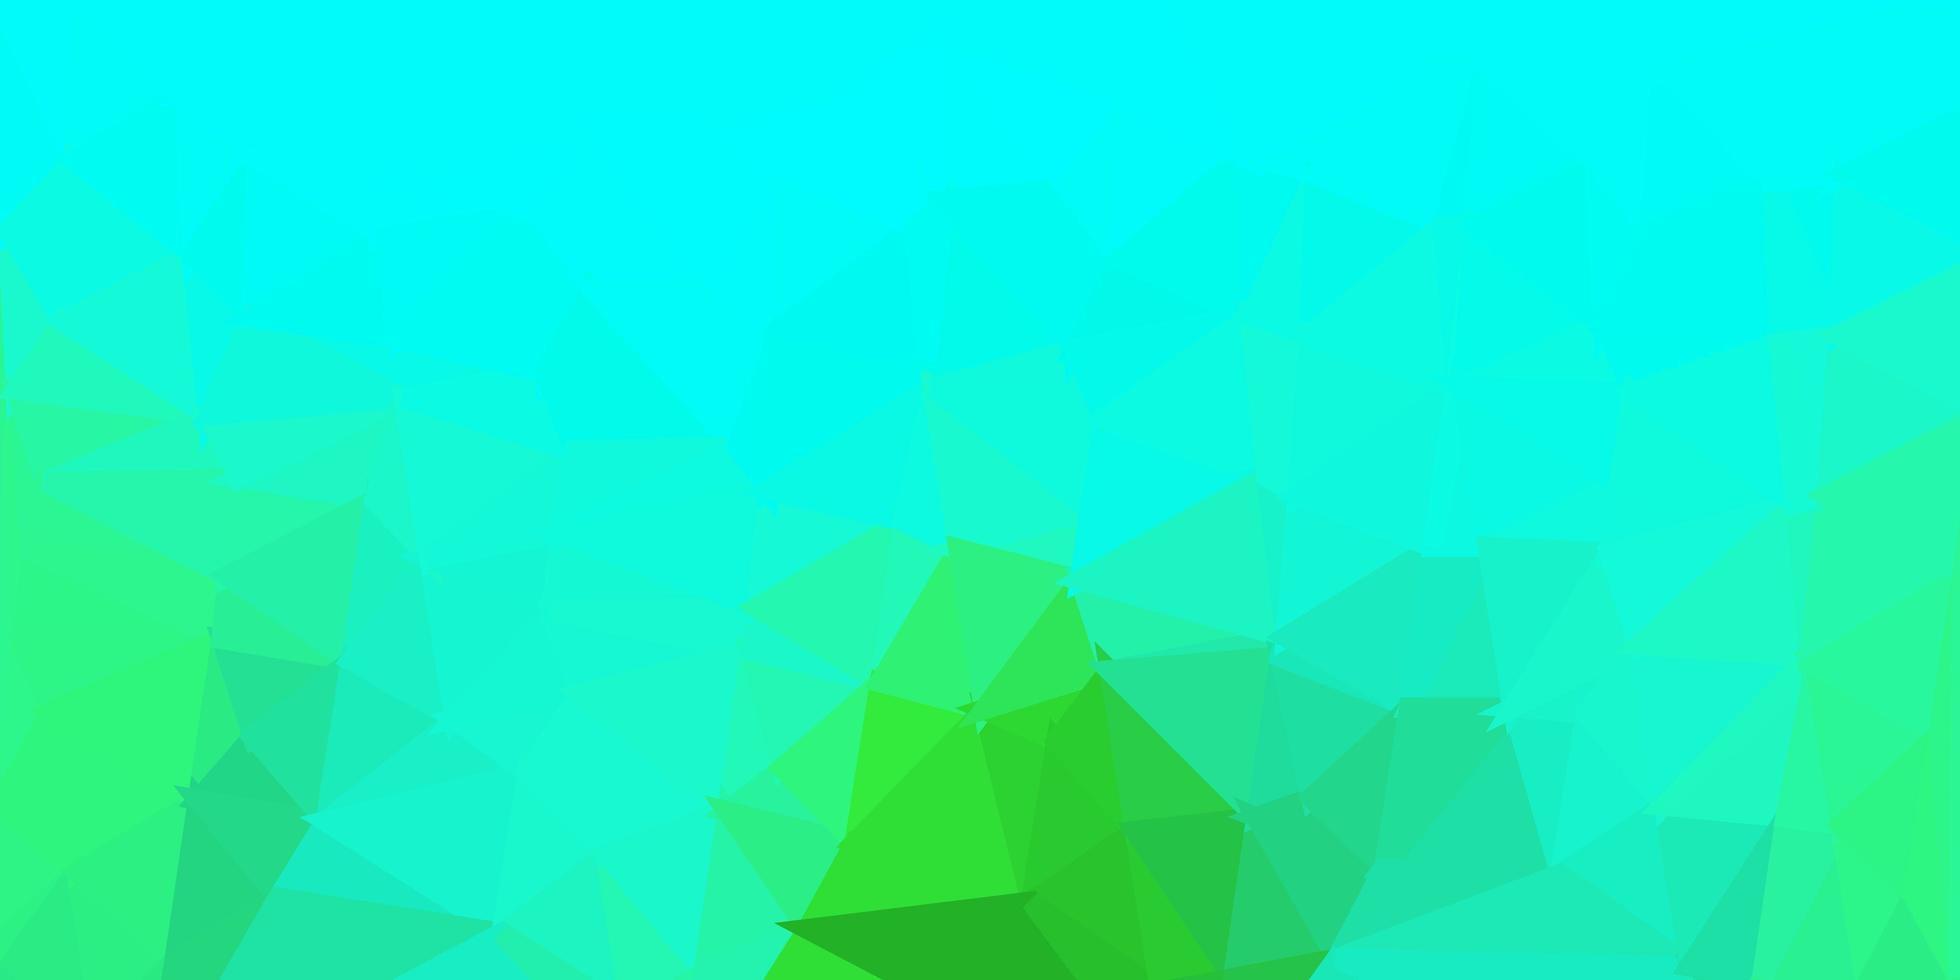 diseño poligonal geométrico vector verde claro.